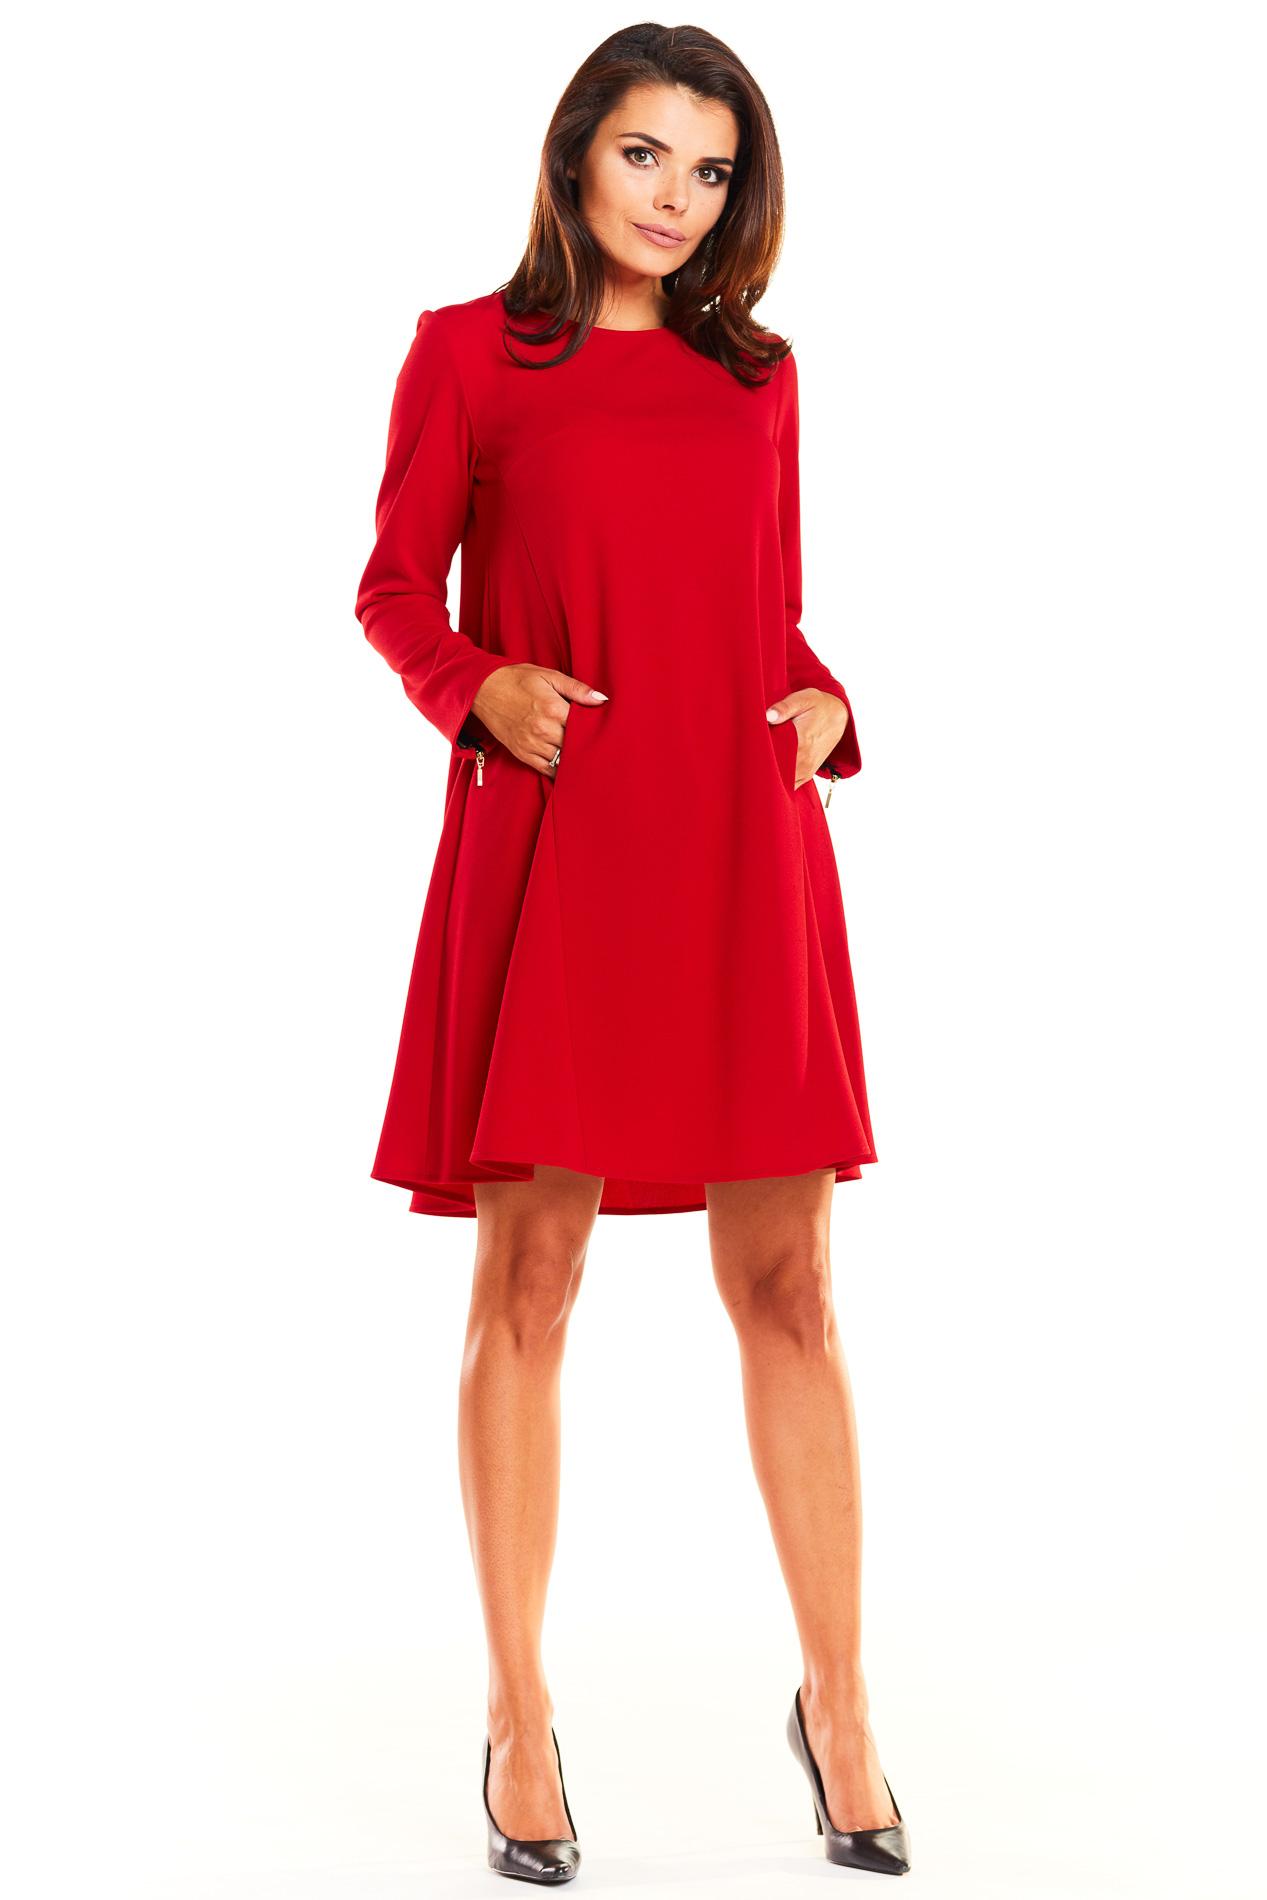 e71d3c46ed Elegancka rozkloszowana sukienka fason A czerwona - kurier od 5